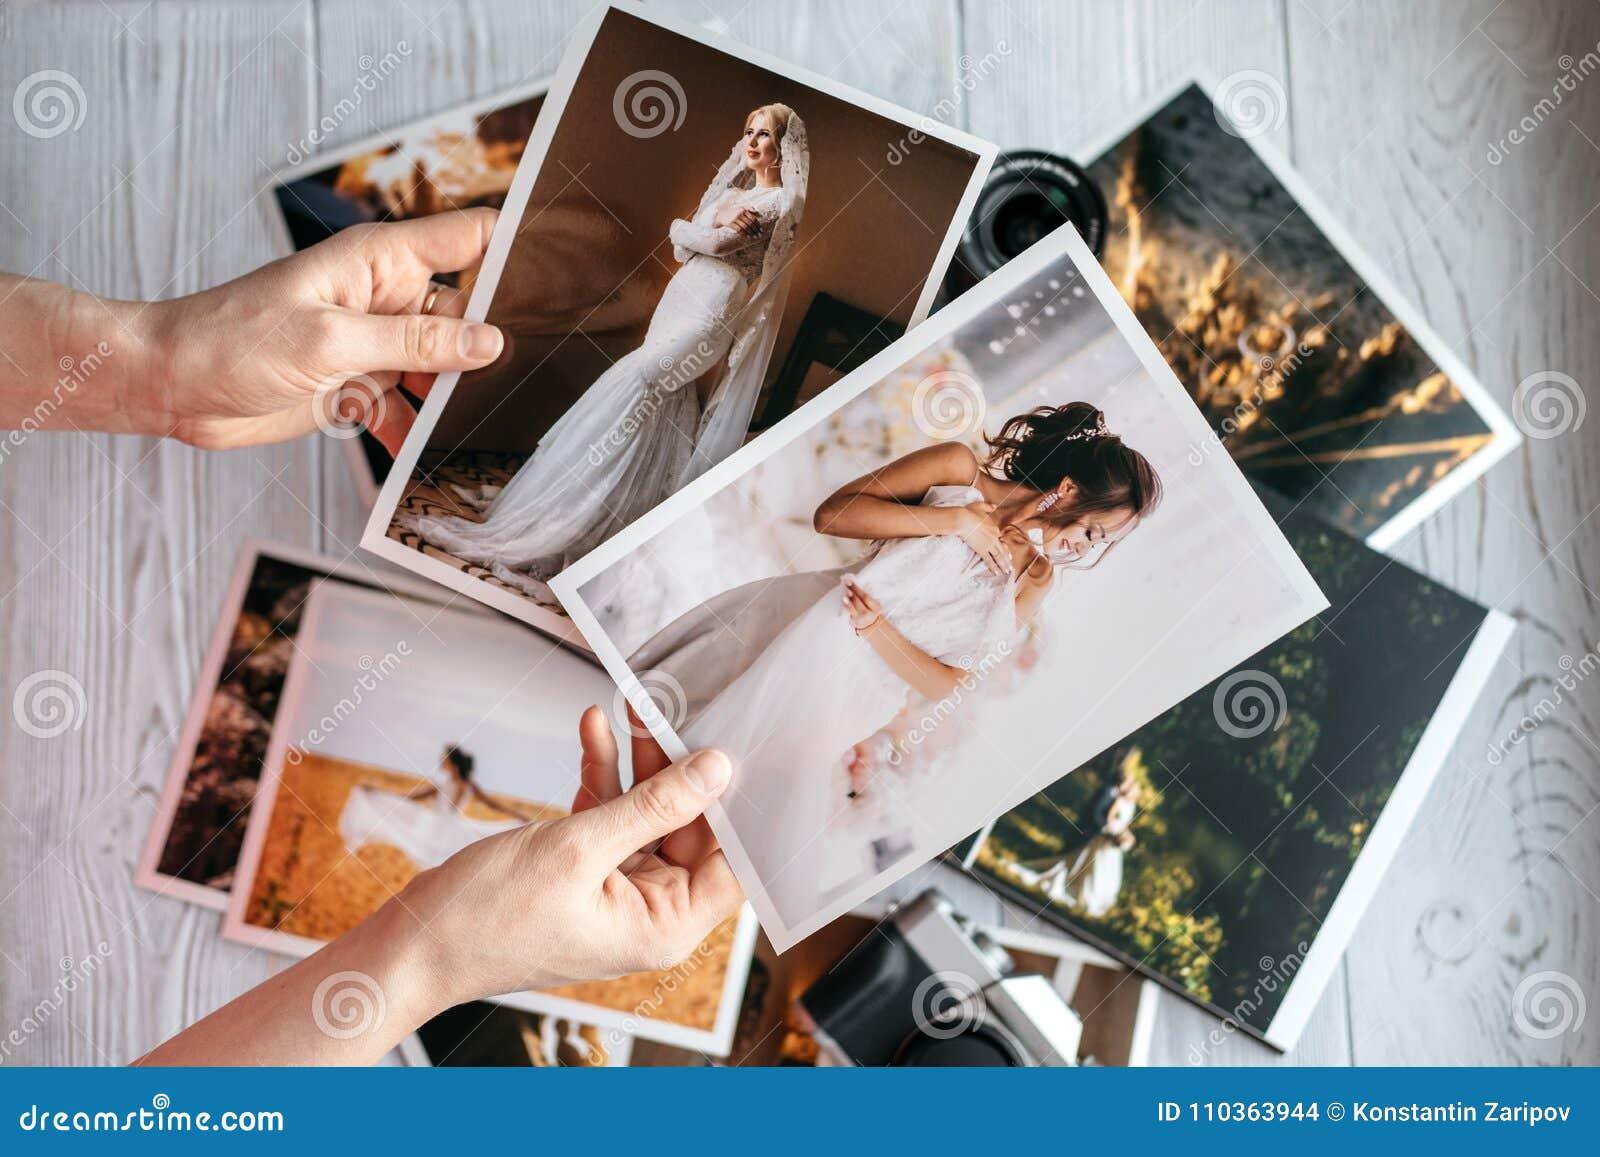 Impreso casandose fotos con la novia y el novio, una cámara del negro del vintage y las manos de la mujer con dos fotos